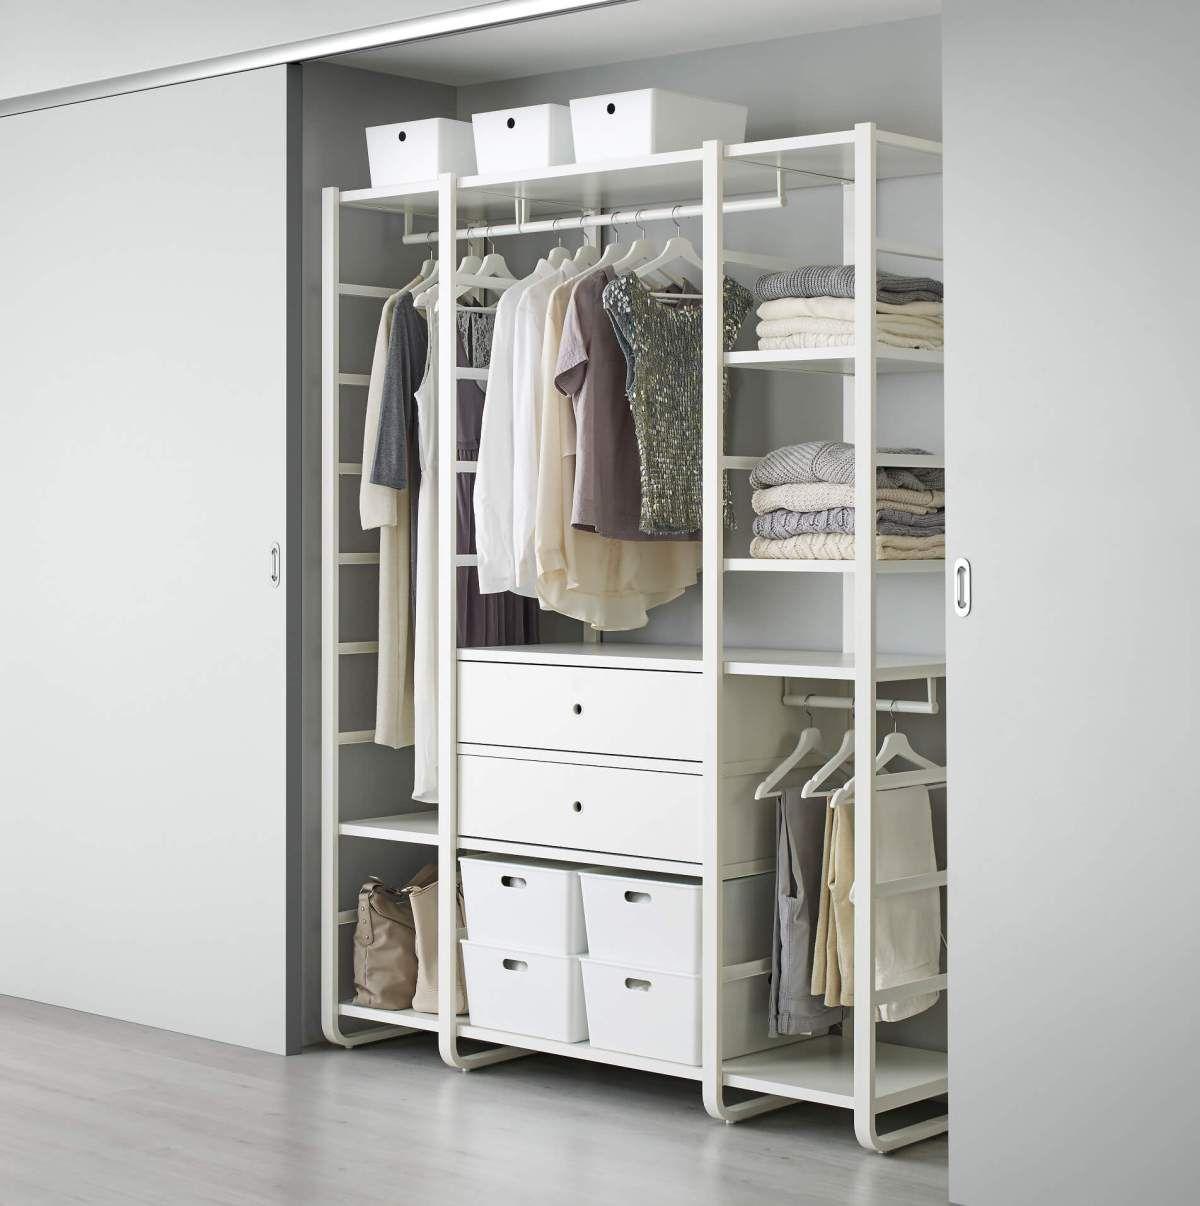 Hackers Help: How to shorten PAX wardrobes? (IKEA Hackers) | closet